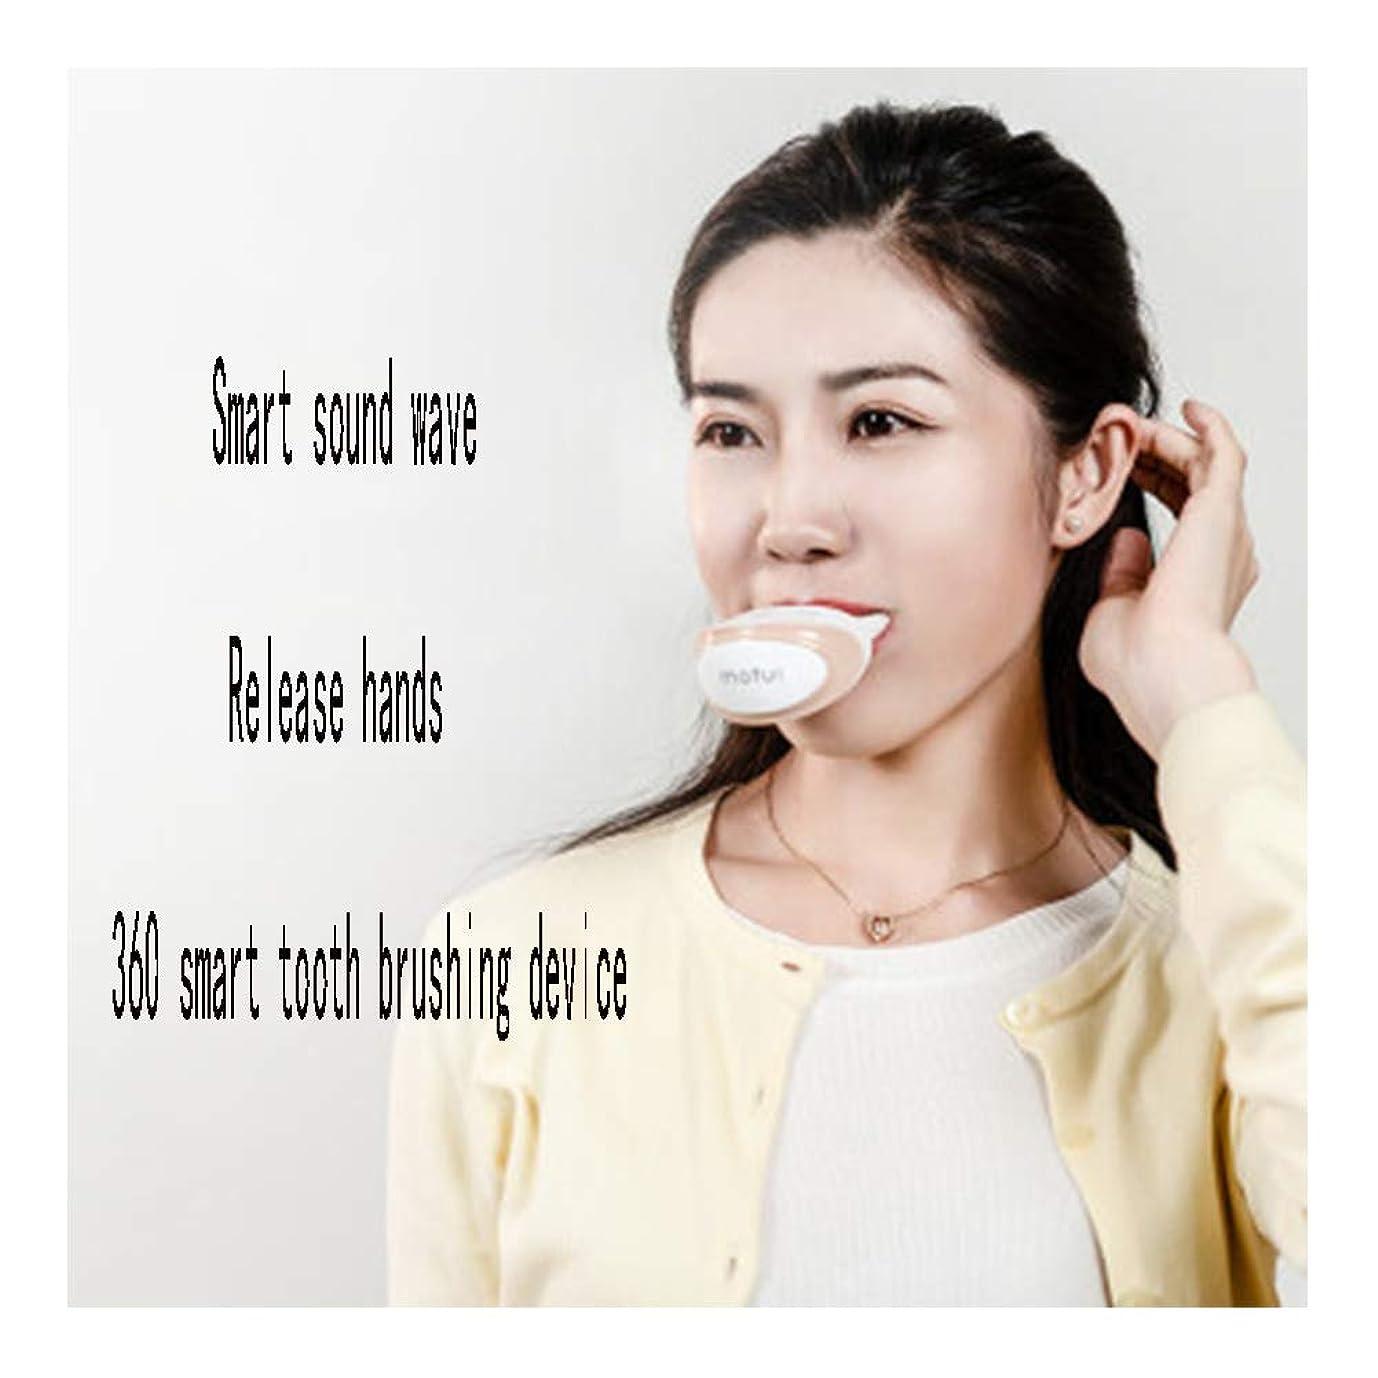 多分攻撃的お風呂を持っているU字型電動歯ブラシ、U字型歯ブラシ、超音波美白歯ブラシ、怠zyできれいな美白歯ブラシ、防水